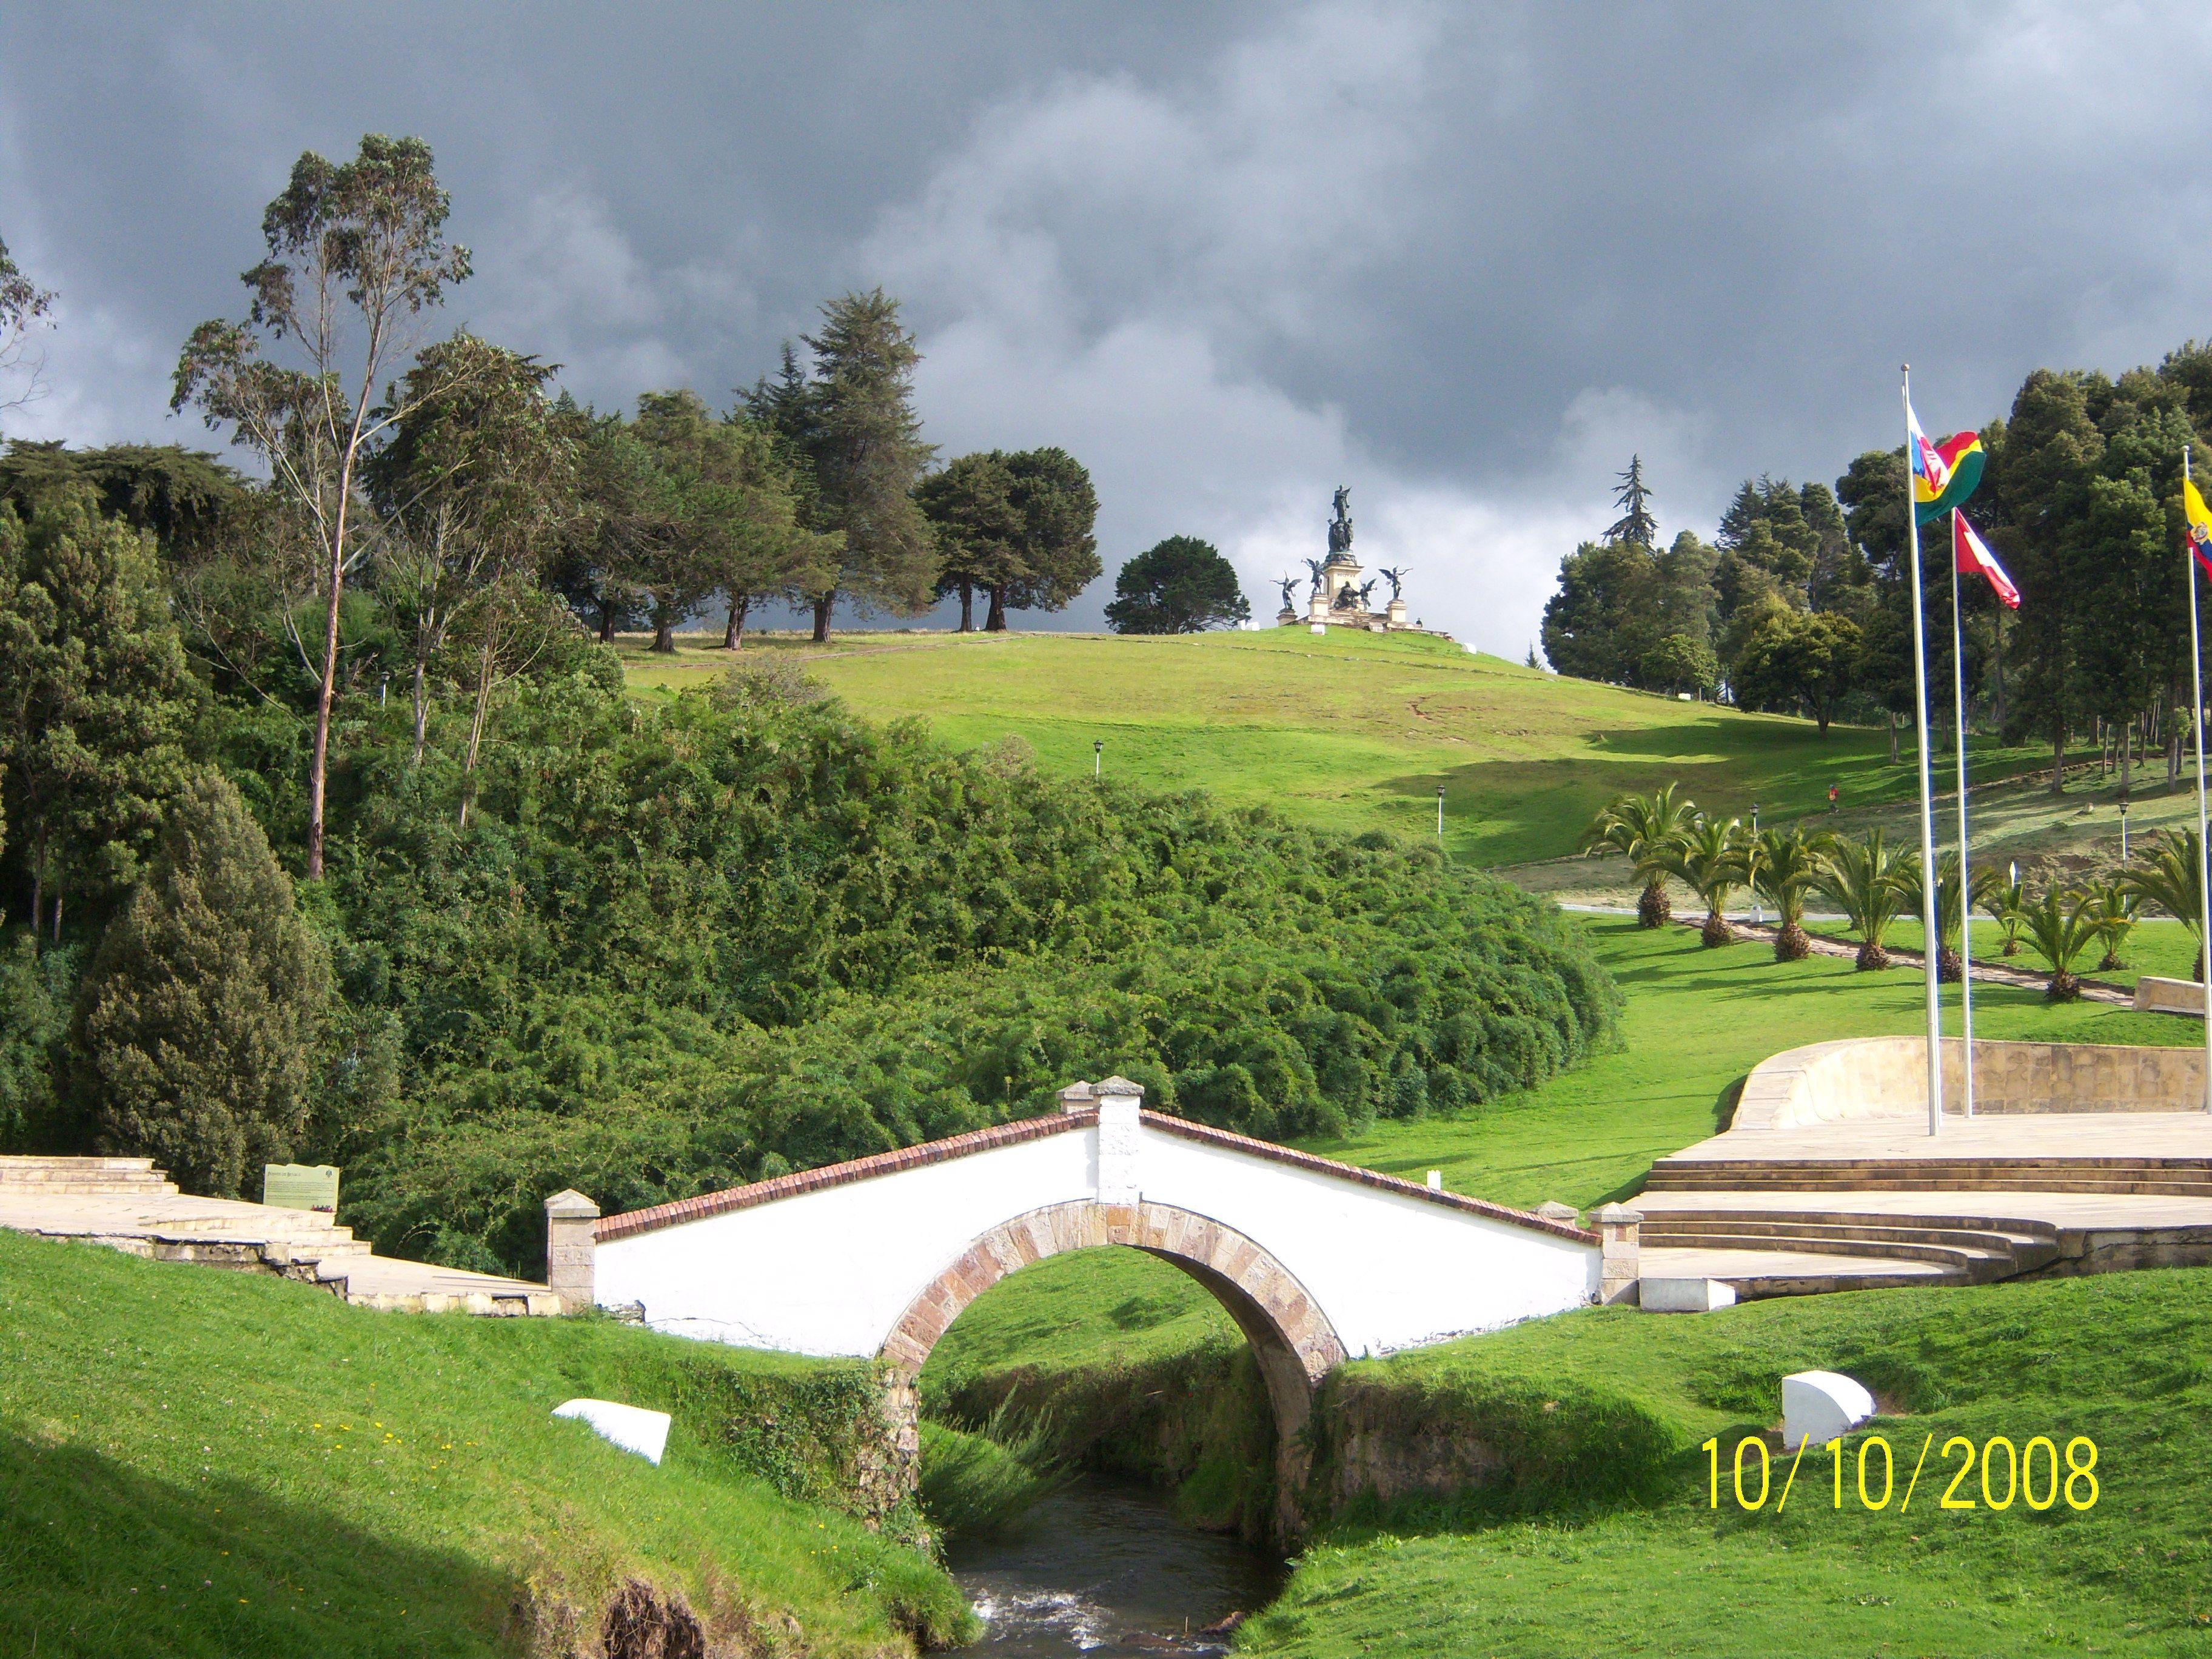 Colombia - Puente de Boyaca, Boyaca | Colombia | Colombia